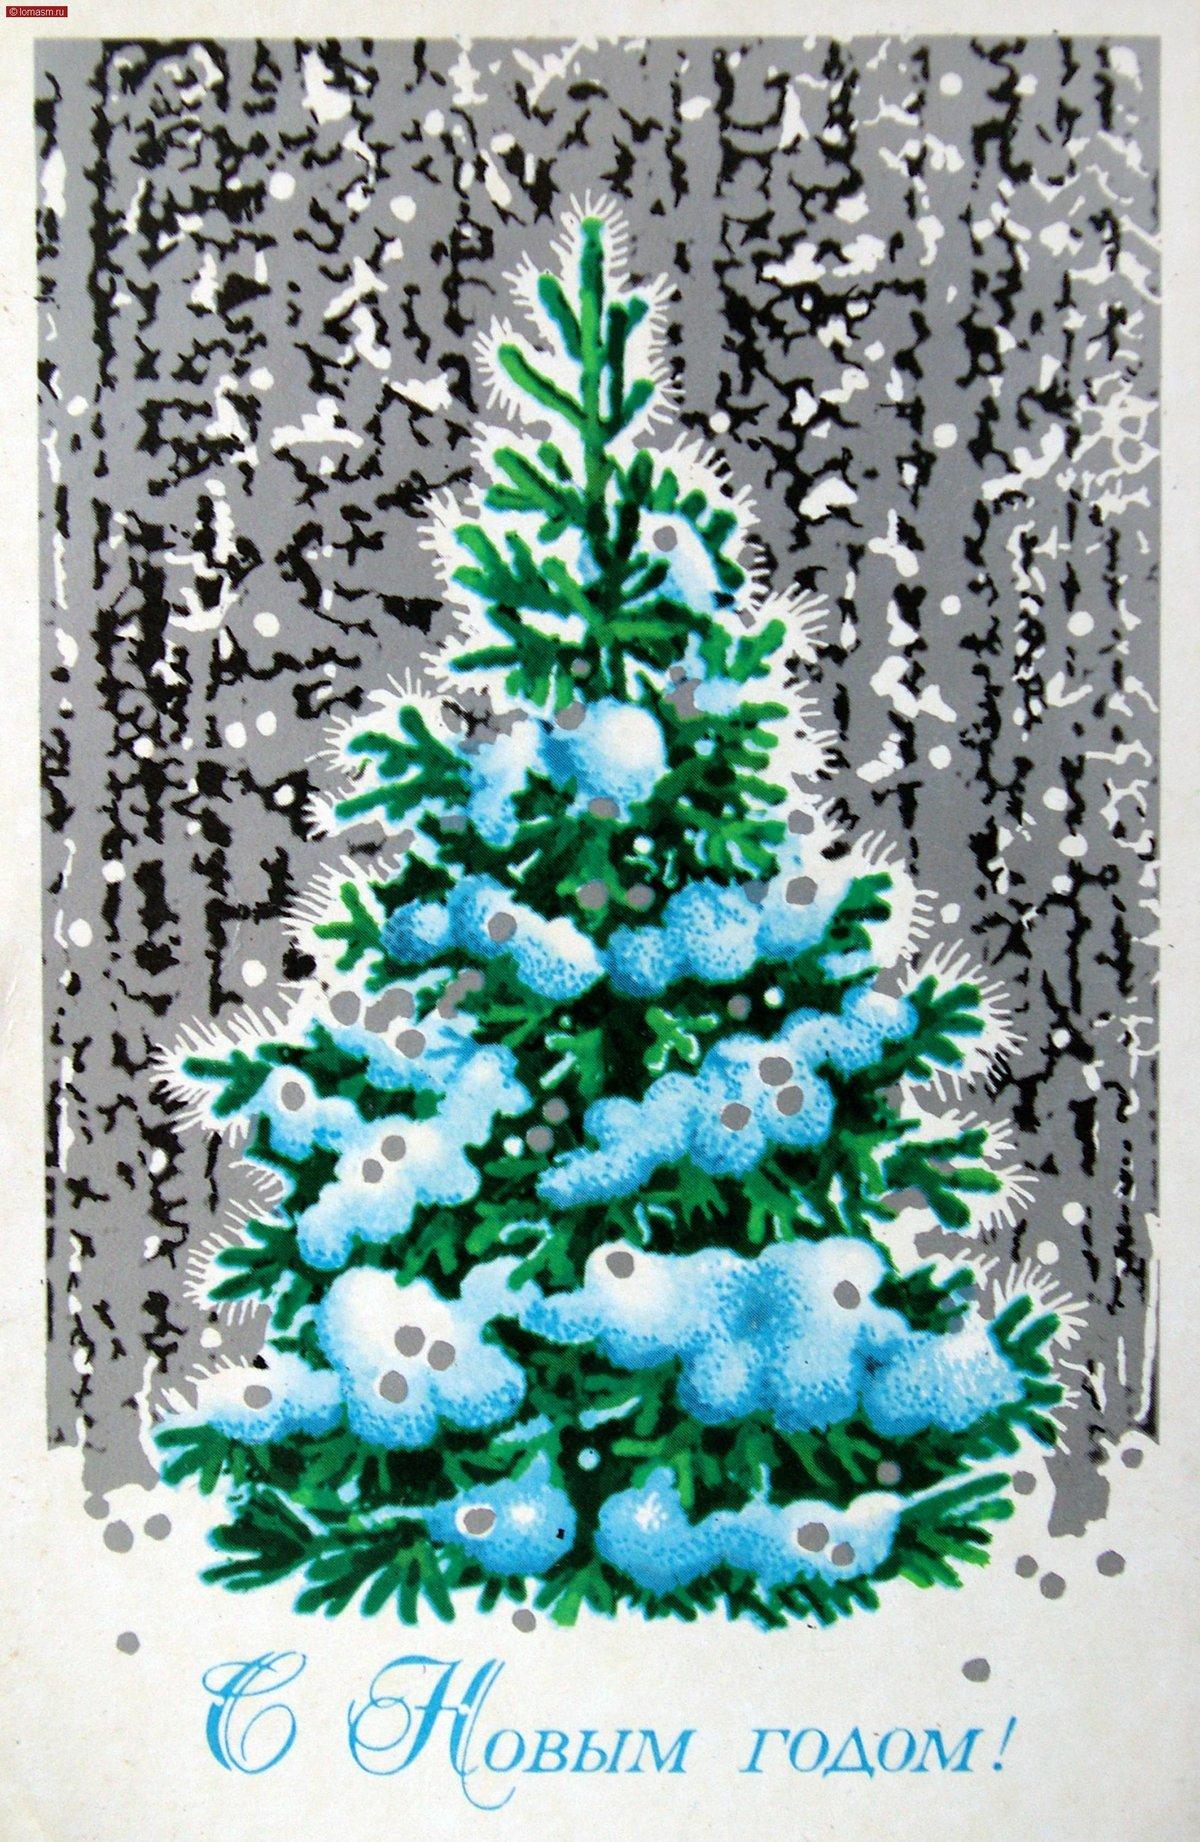 Мишка гарик, открытки новогодние елочки